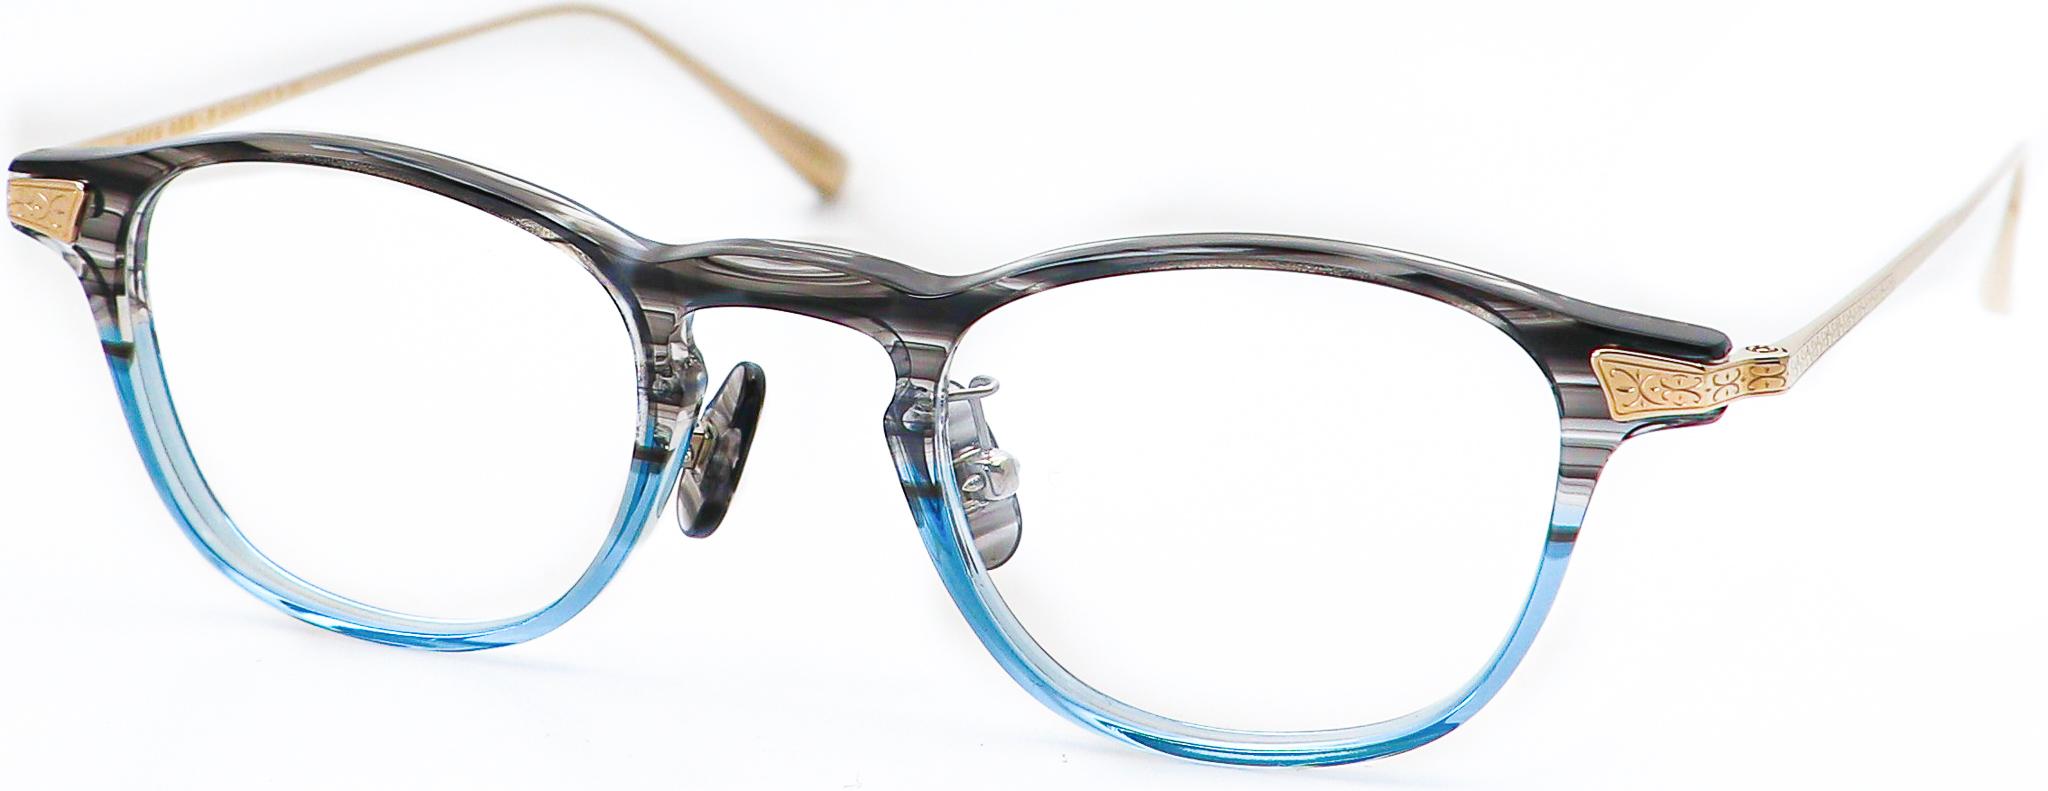 眼鏡のカラータイプC-4 Gray-Blue/Gold